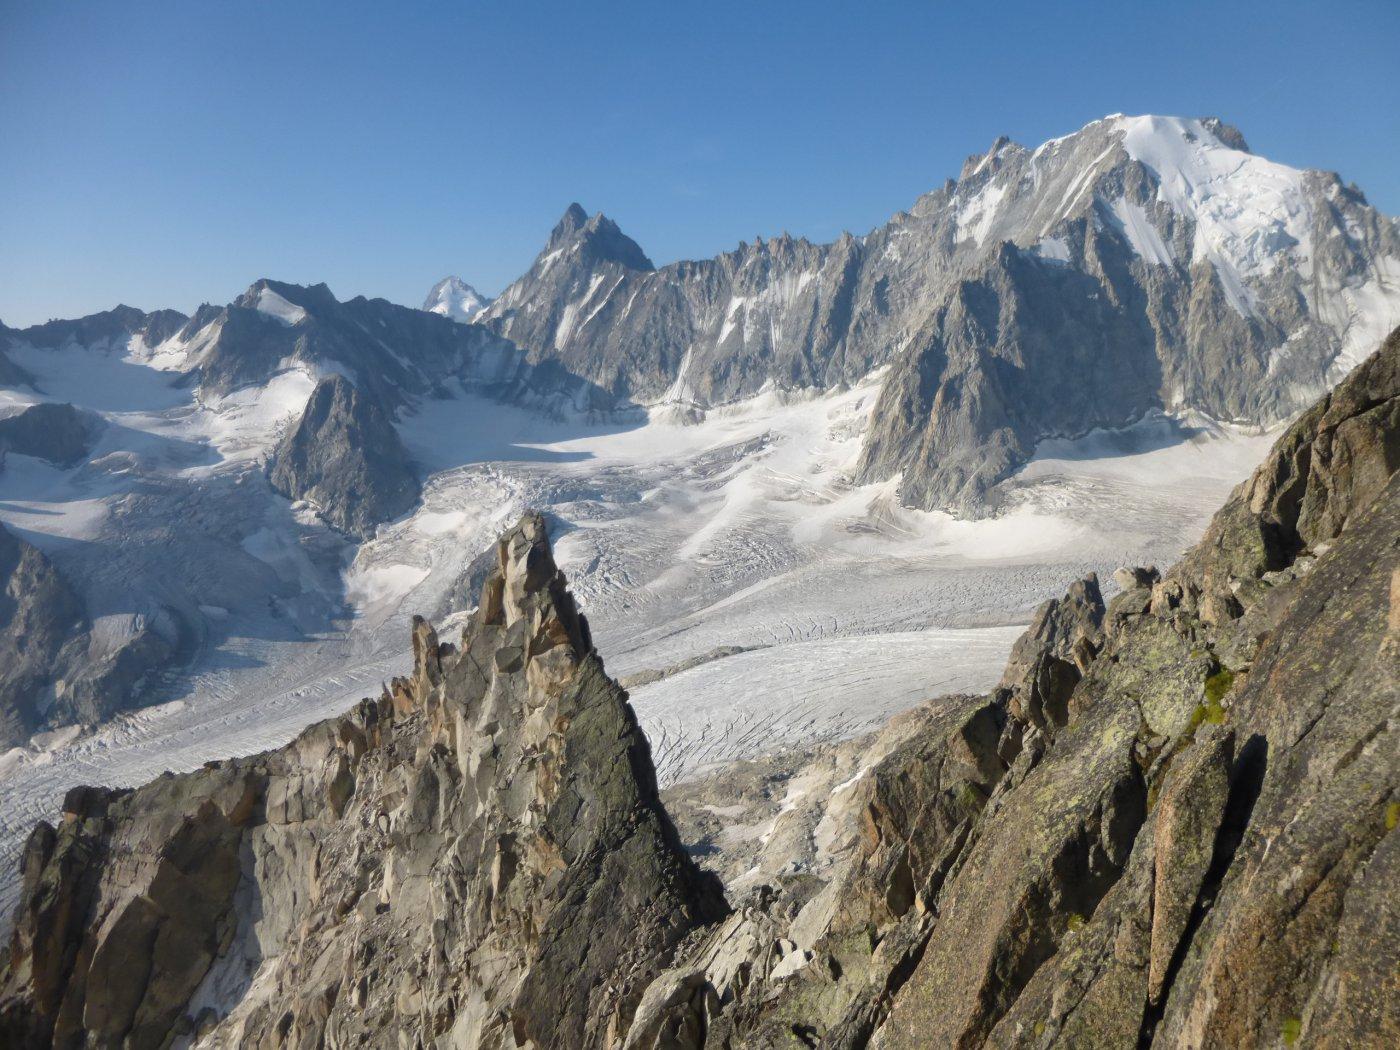 vista sull'Aiguille d'Argentiere e il ghiacciaio di Saleina dalla via di salita.